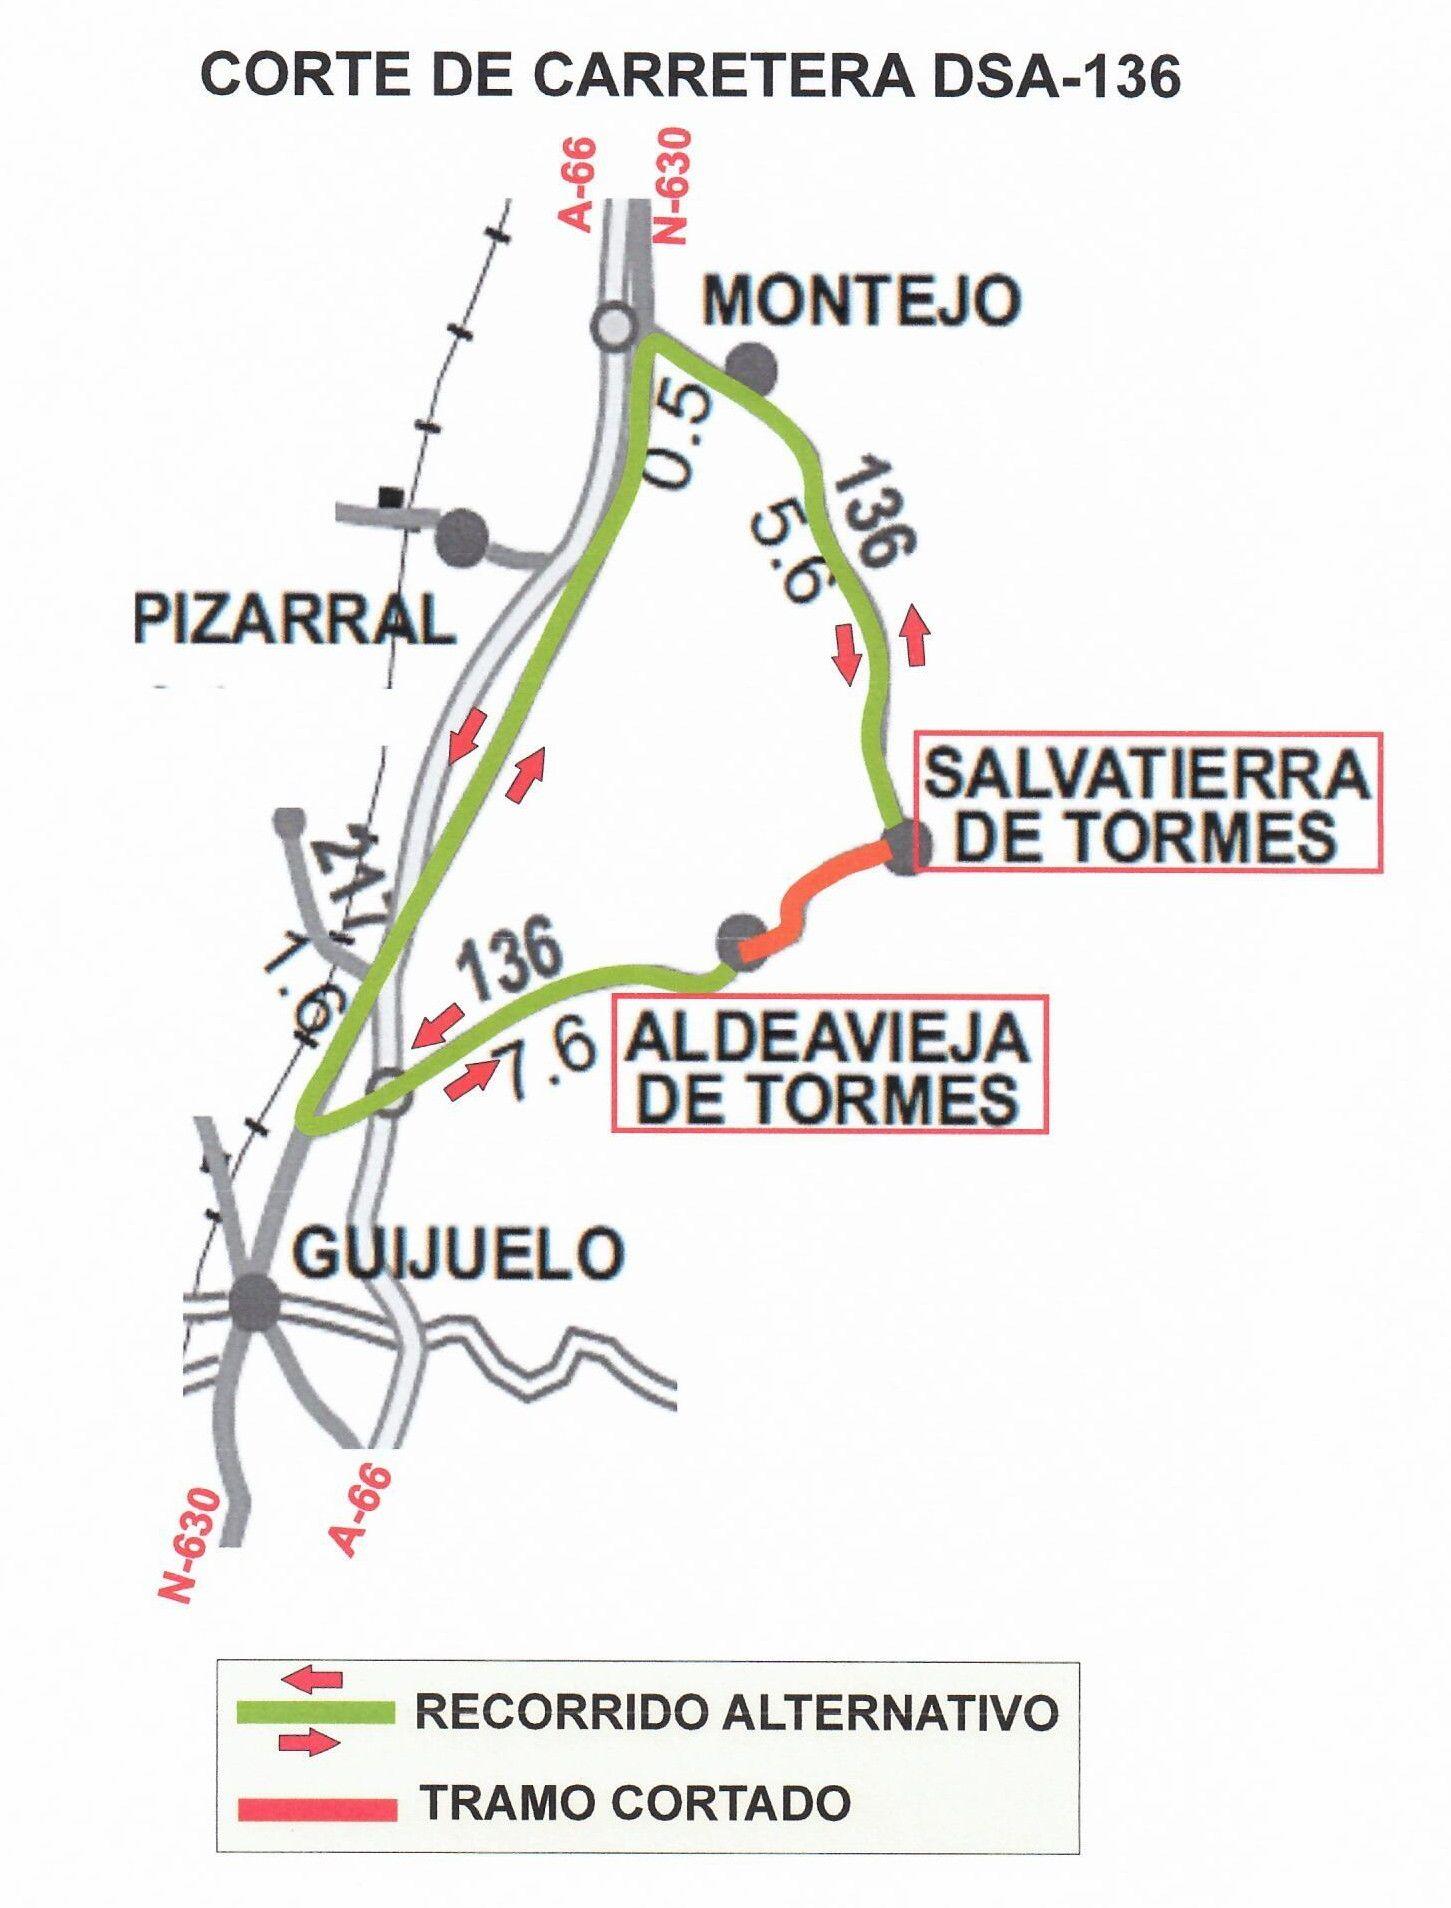 Plano corte Ctra. DSA 136